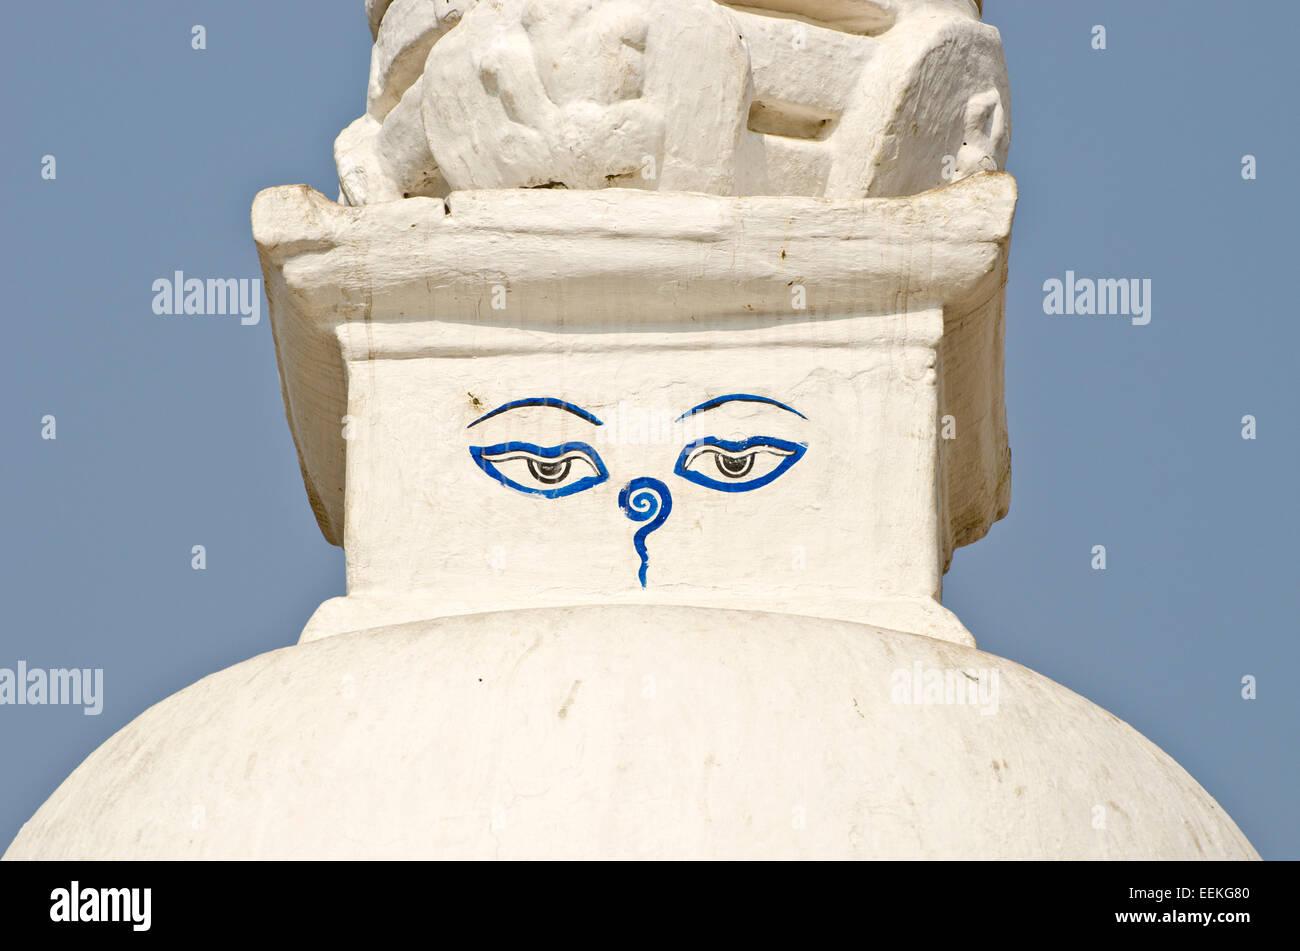 Buddha wisdom eyes on small white stupa in Kathmandu, Nepal - Stock Image